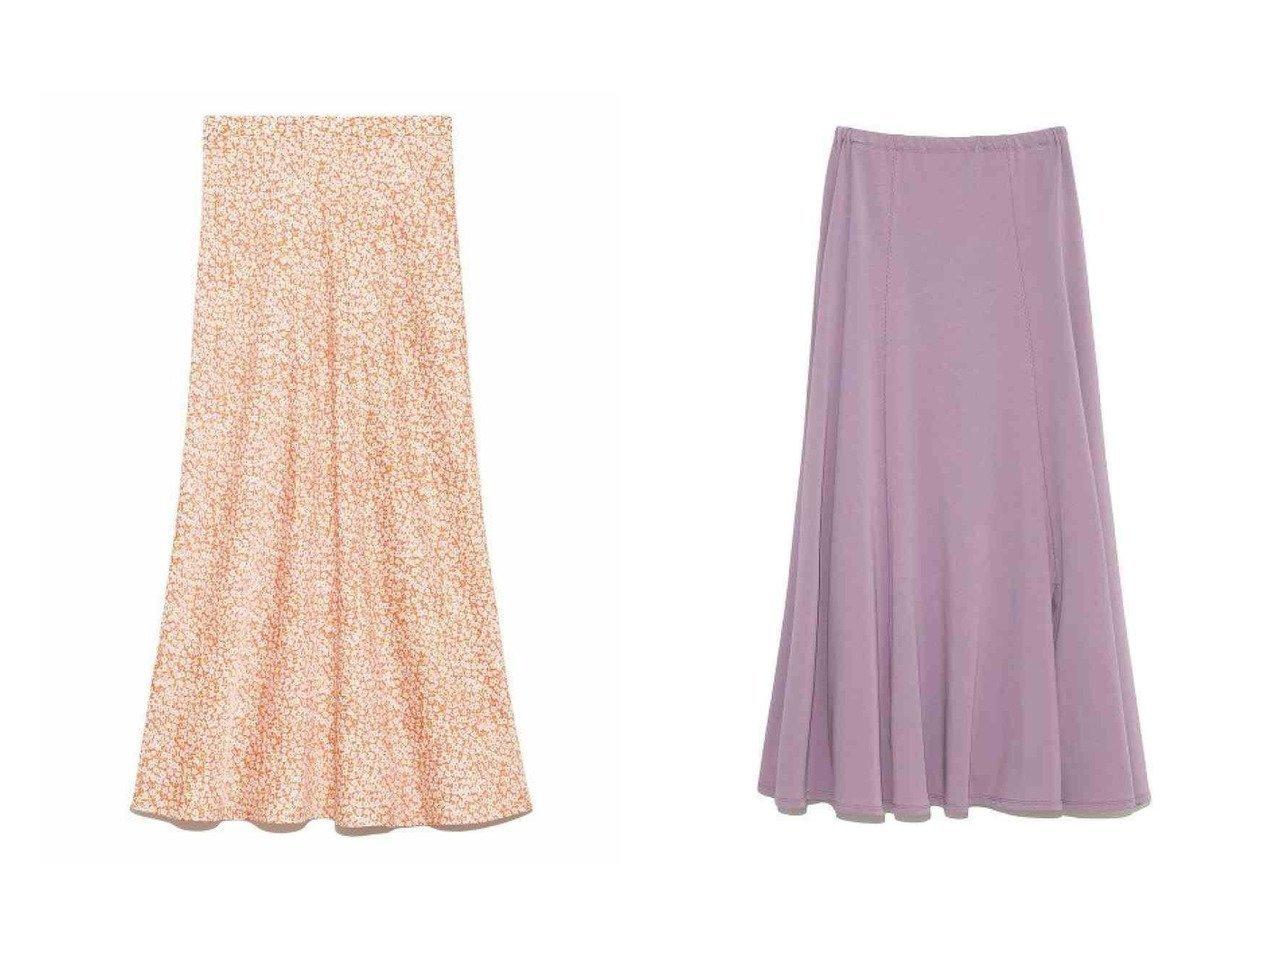 【Mila Owen/ミラオーウェン】の花柄サテンバイアスロングスカート&SET UPジャージナロースカート スカートのおすすめ!人気、トレンド・レディースファッションの通販 おすすめで人気の流行・トレンド、ファッションの通販商品 メンズファッション・キッズファッション・インテリア・家具・レディースファッション・服の通販 founy(ファニー) https://founy.com/ ファッション Fashion レディースファッション WOMEN スカート Skirt ロングスカート Long Skirt ミニスカート Mini Skirts NEW・新作・新着・新入荷 New Arrivals インナー ウォッシャブル オレンジ サテン ネオン バイアス フレア ロング ヴィンテージ 再入荷 Restock/Back in Stock/Re Arrival |ID:crp329100000012899